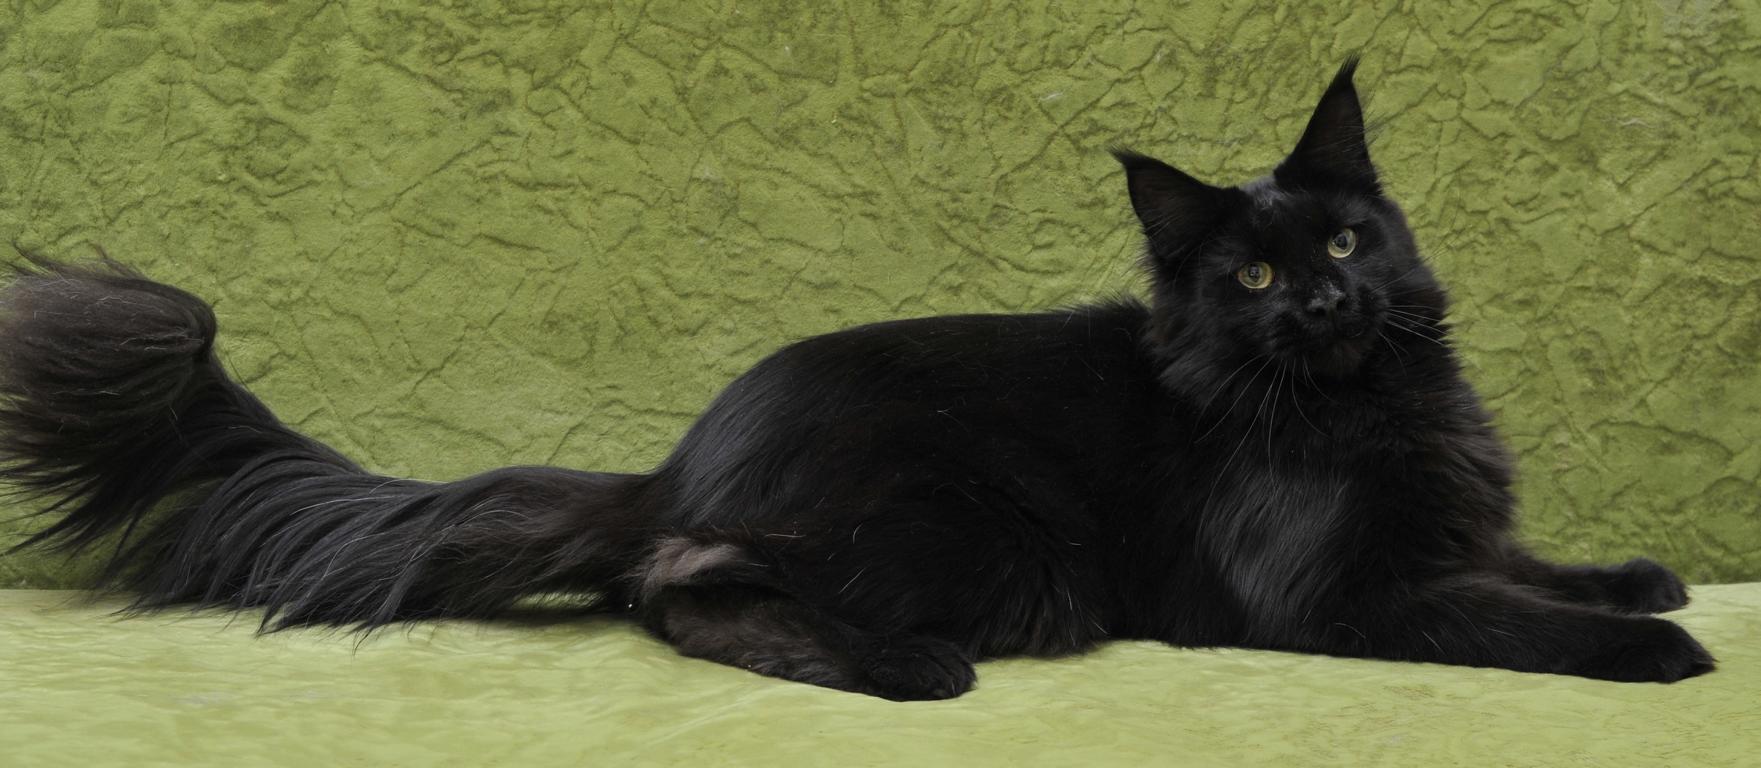 Породы черных кошек: окрас и оттенок глаз